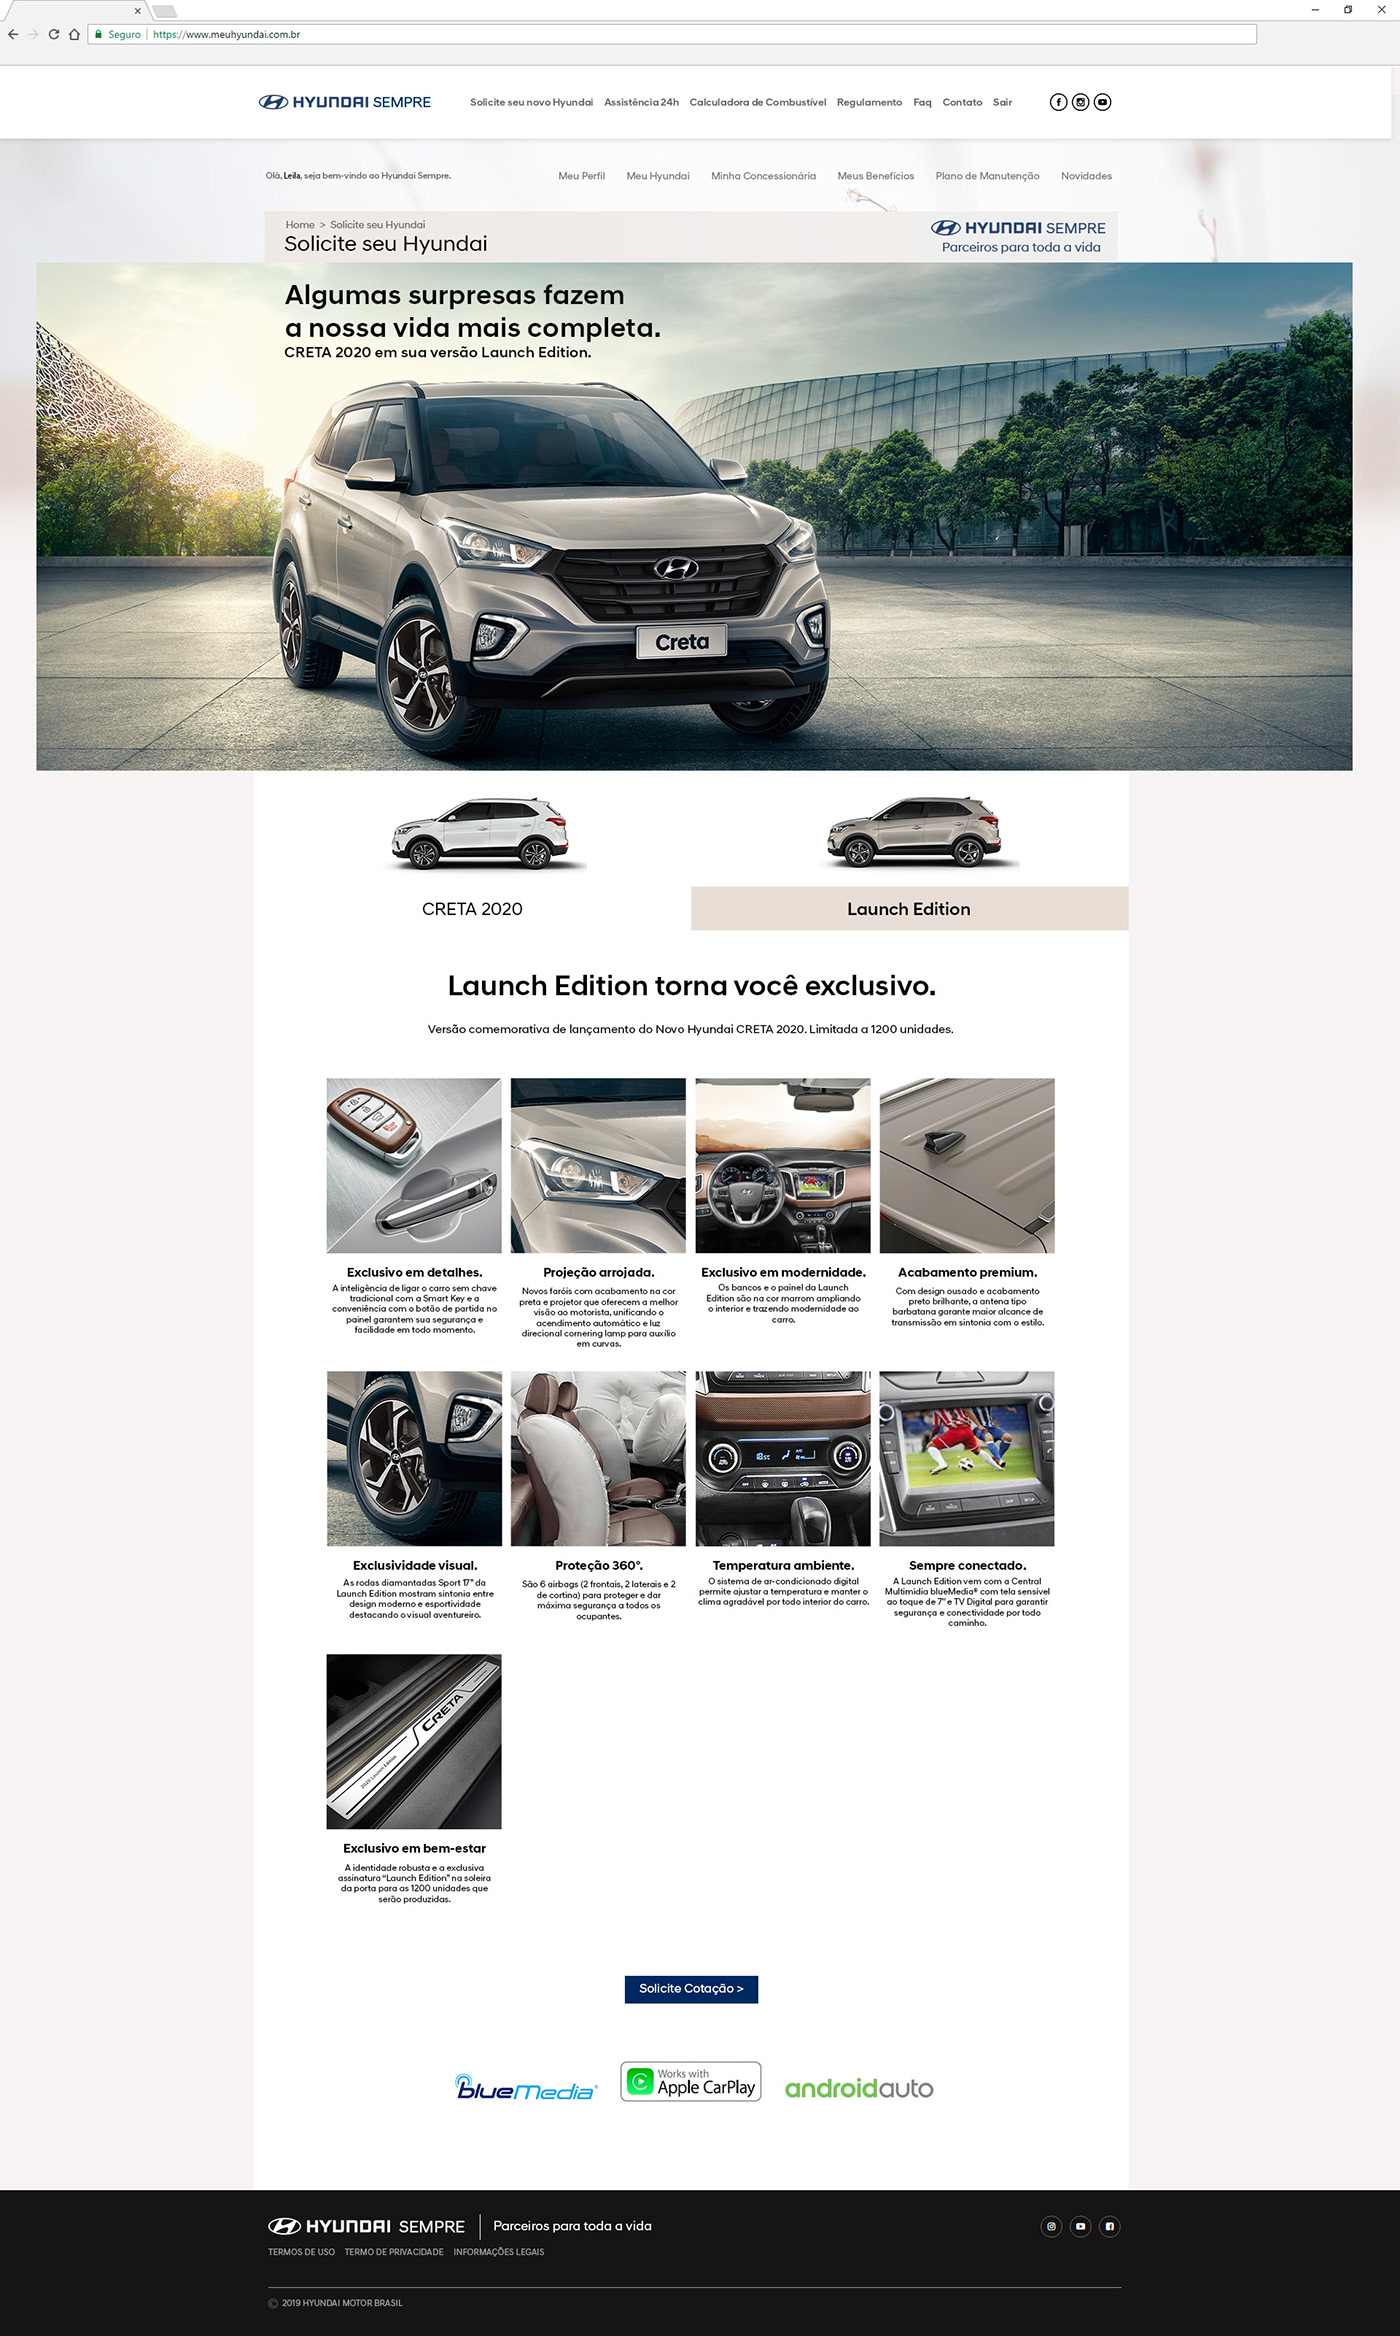 Image may contain: screenshot, abstract and land vehicle